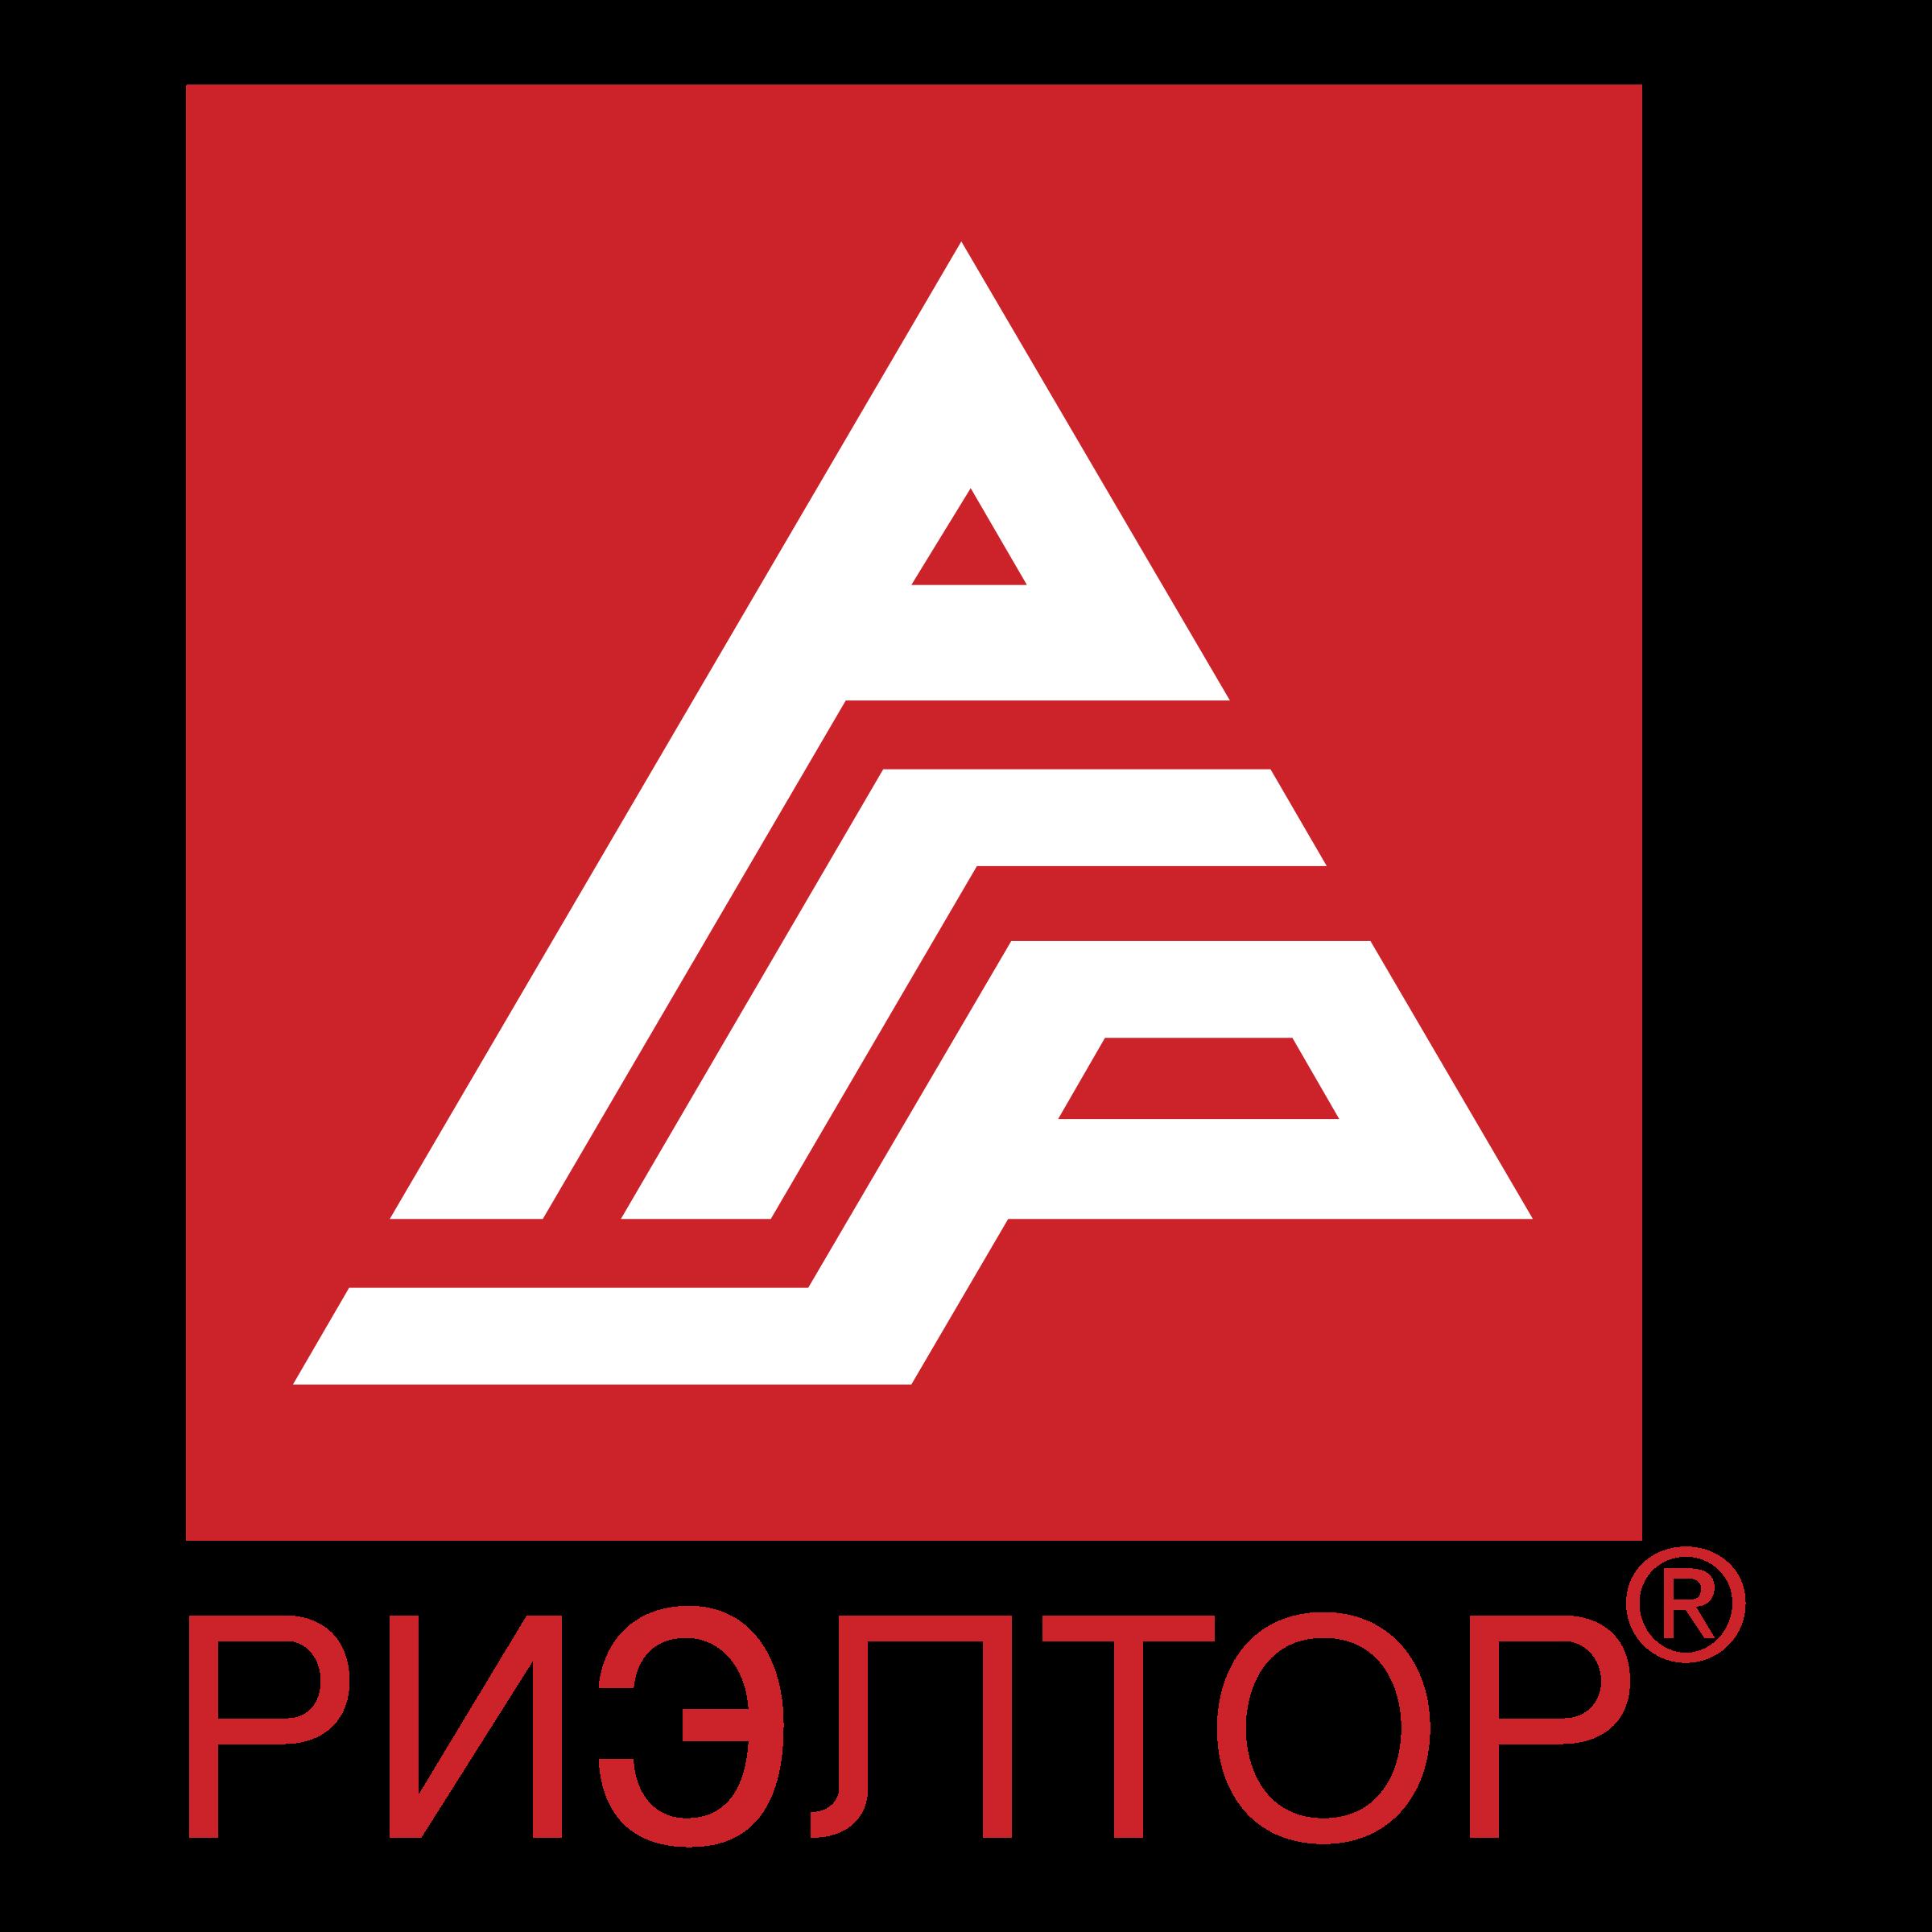 Realtor Logo PNG Transparent & SVG Vector - Freebie Supply